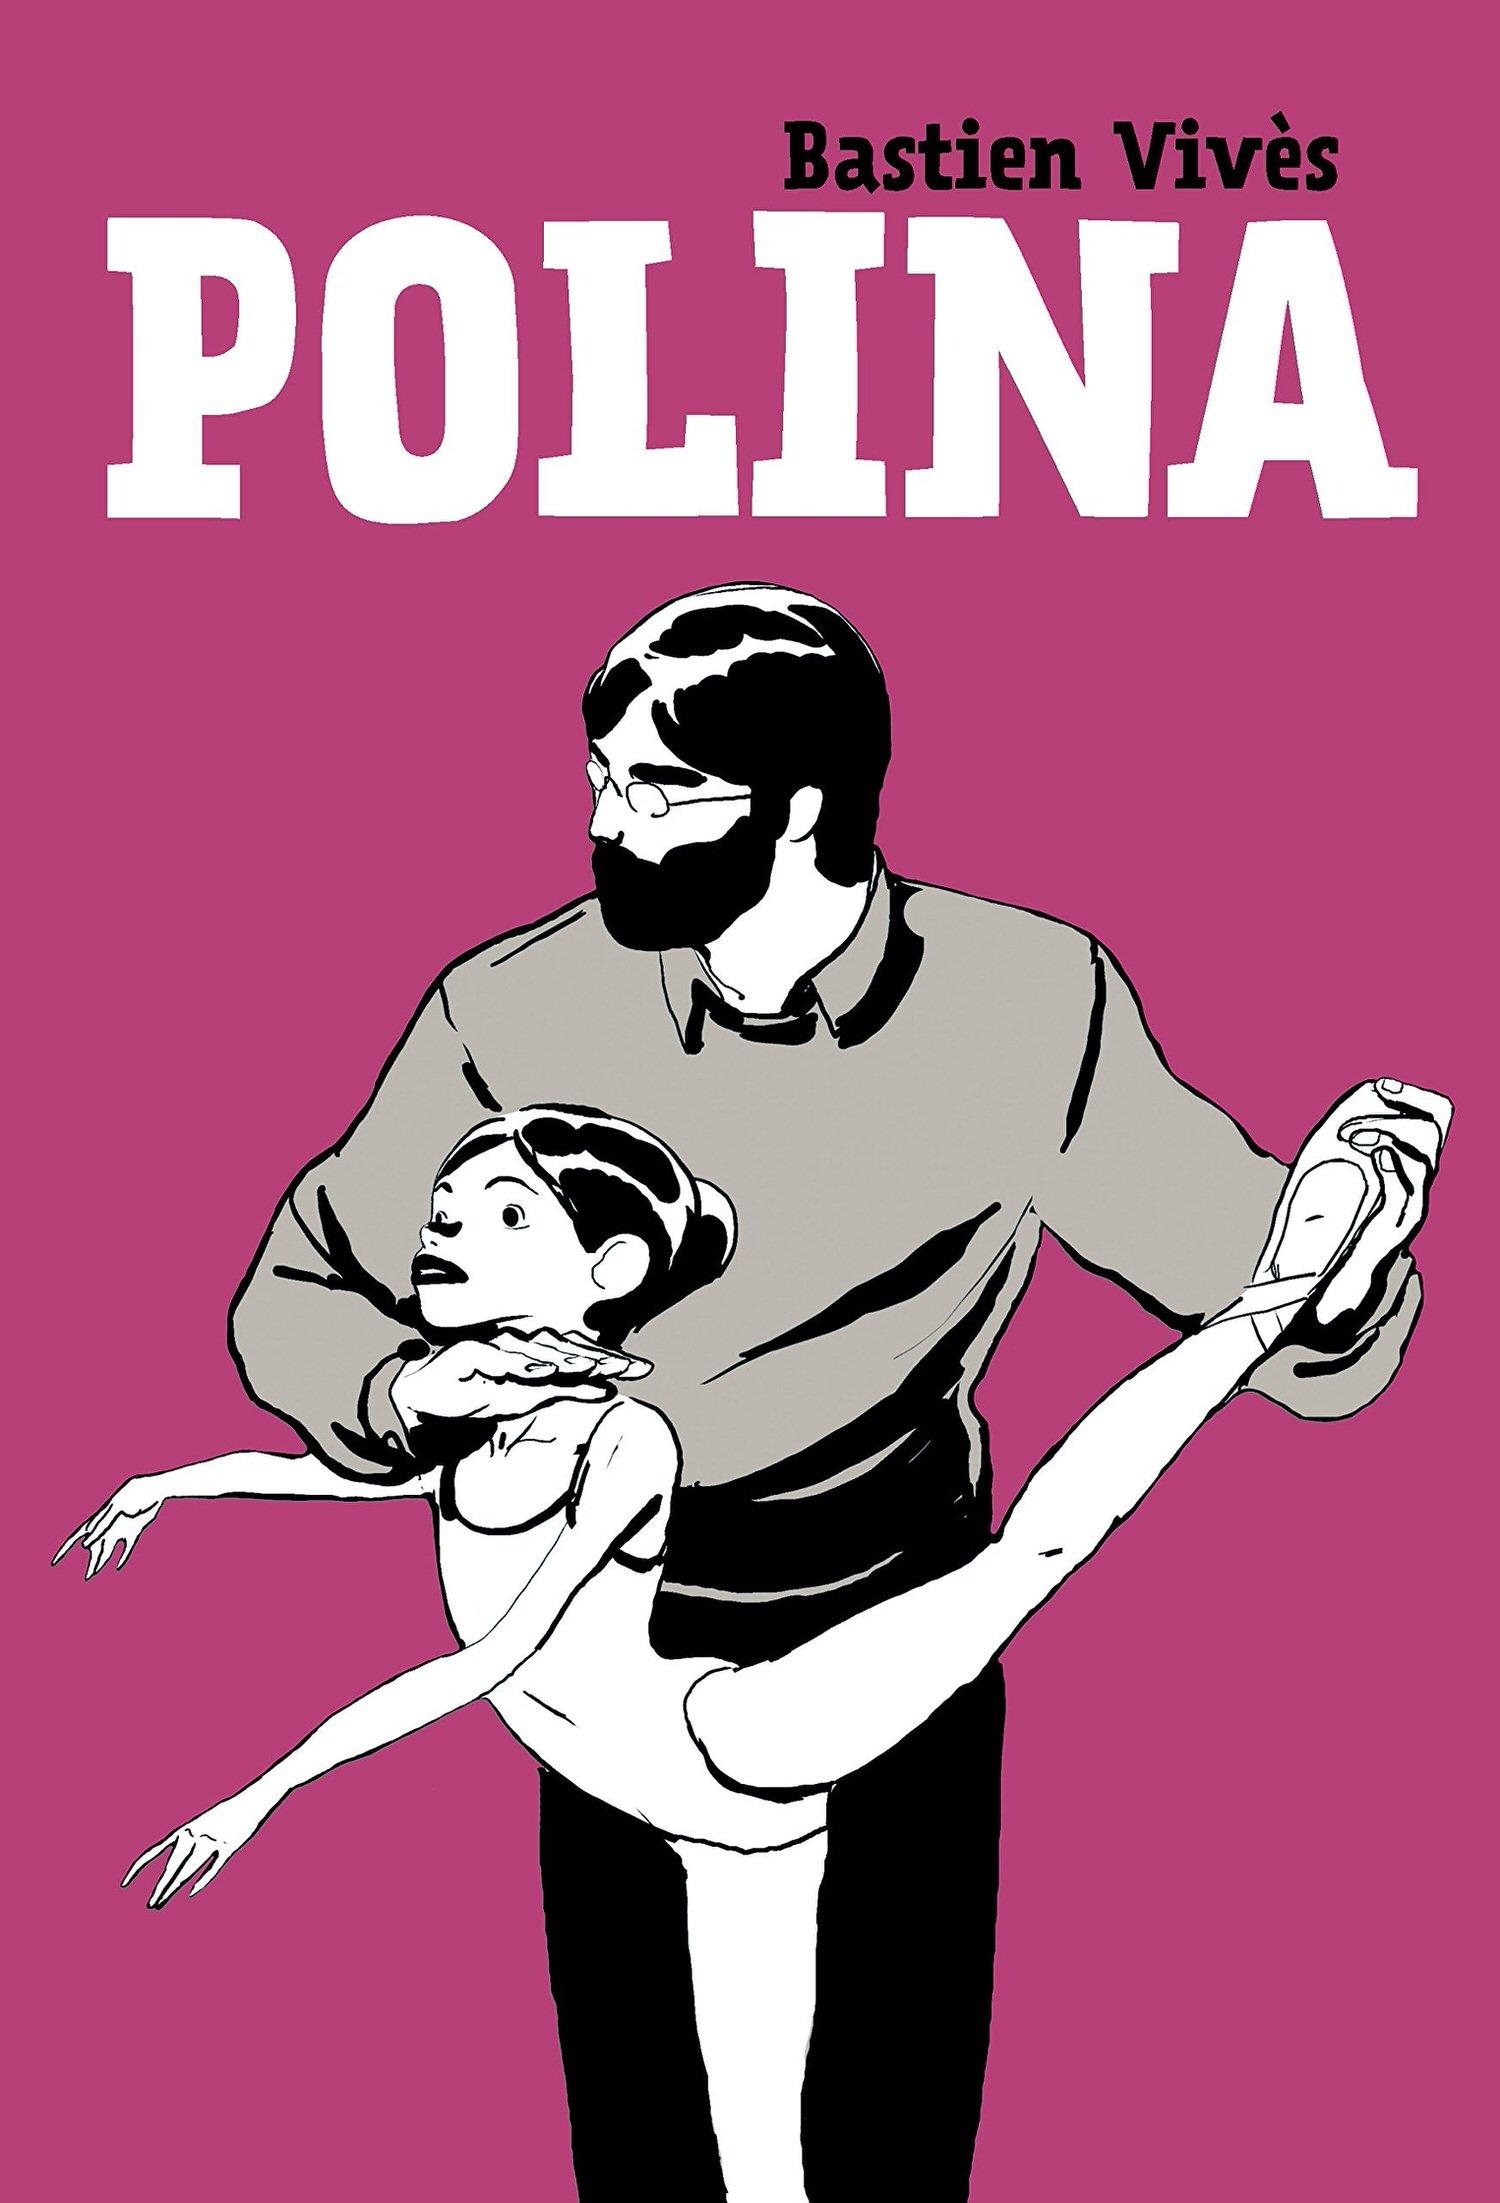 電影【波麗娜】Polina 改編自全球知名繪本小說:真正的藝術家會因為追求完美而煩惱,剩下的交給時間來證明